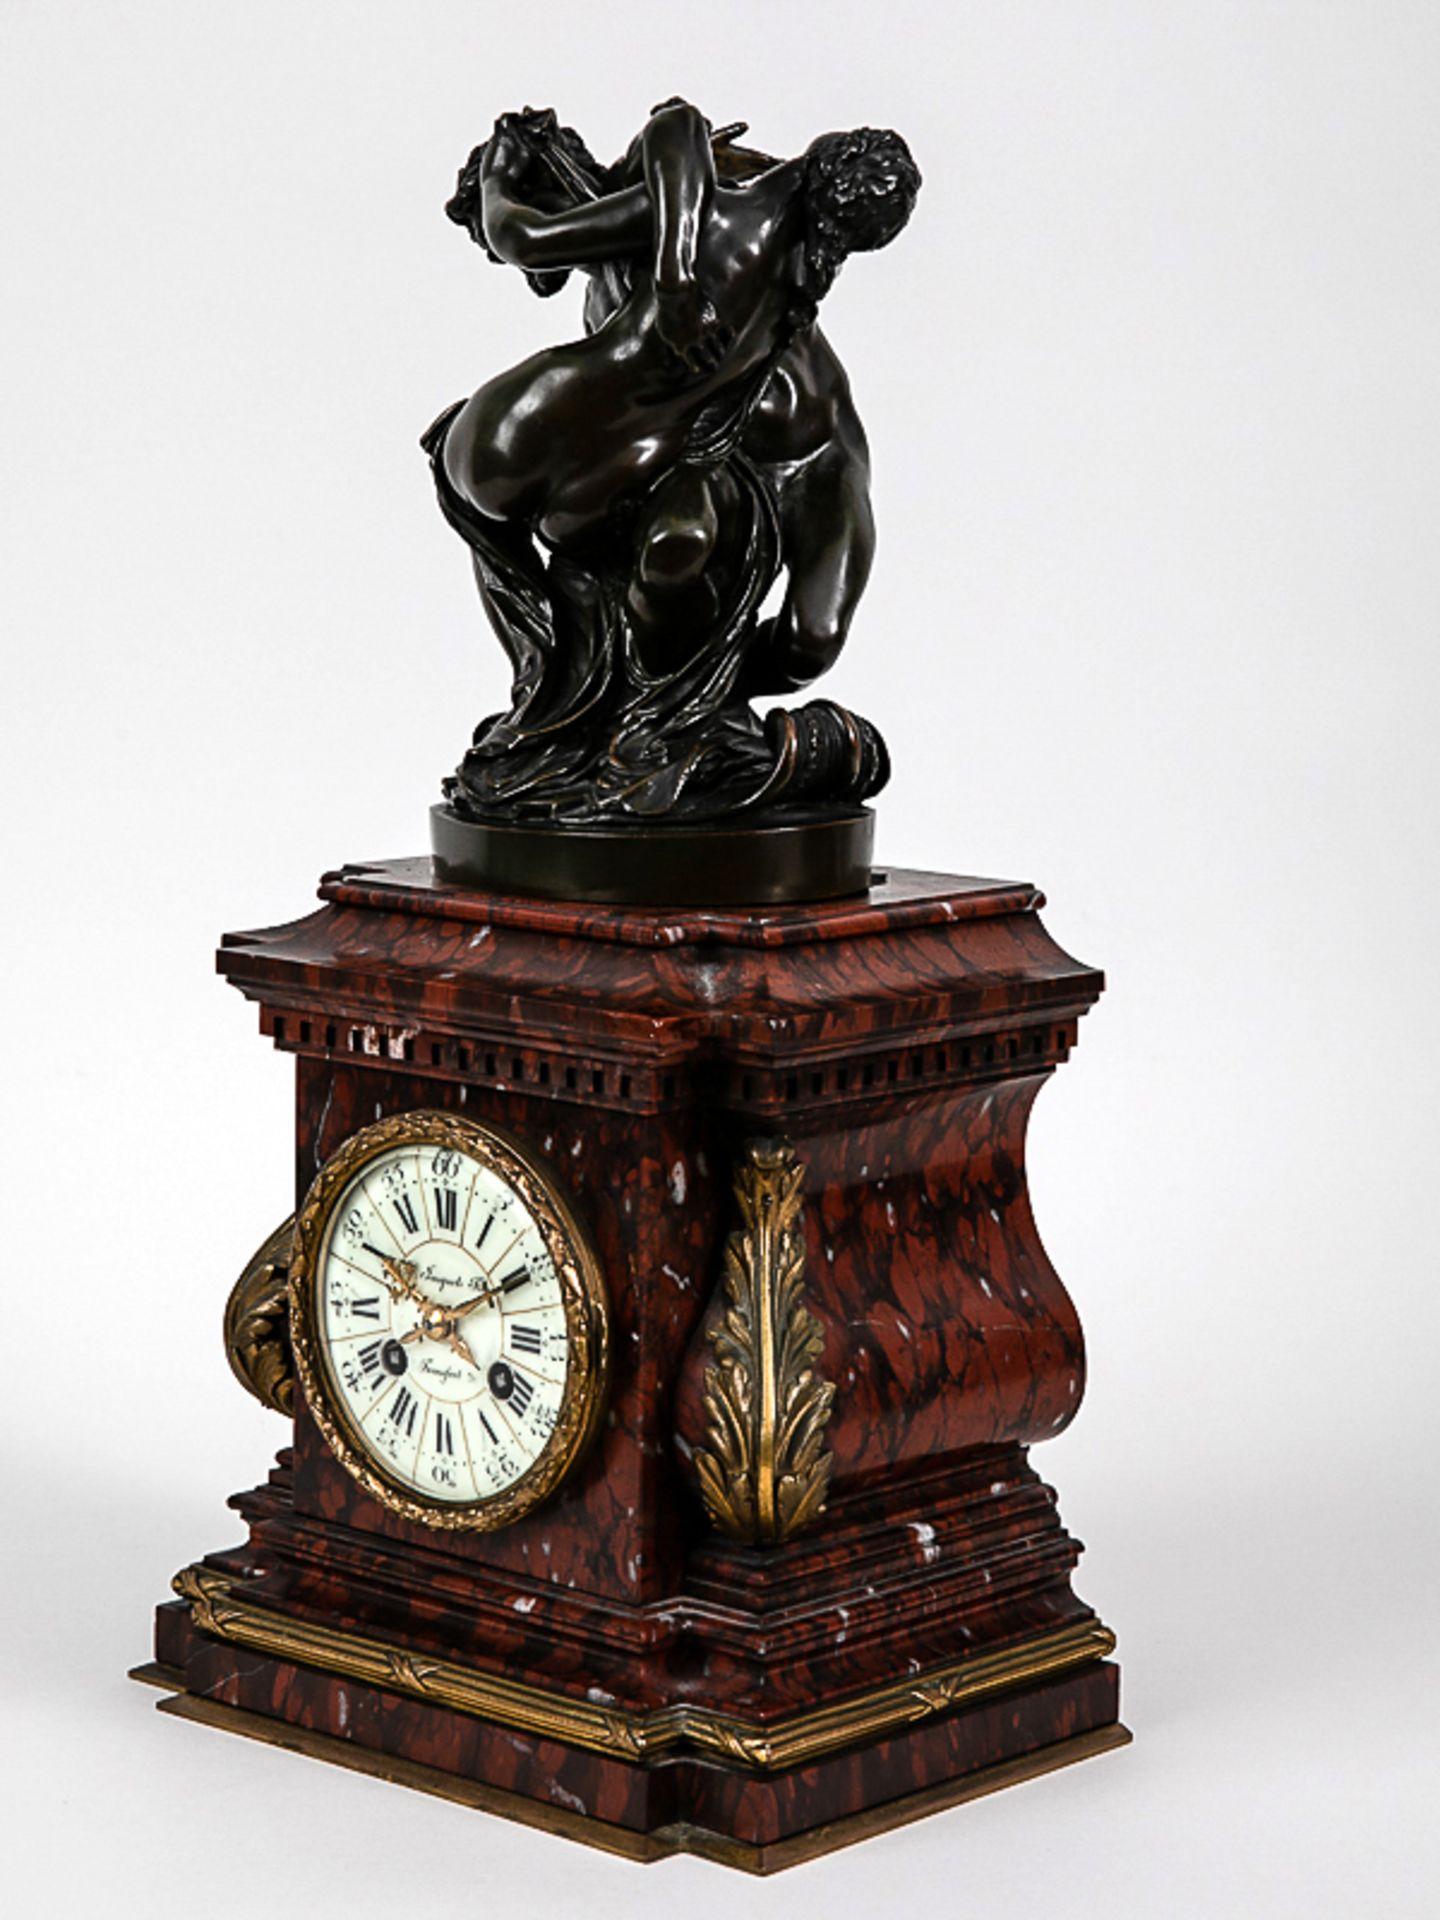 Kaminuhr mit Bronzegruppe, H. Jacquet & Fils/ Roblin, Paris, 2. Hälfte 19. Jh. Bronzeplastik i